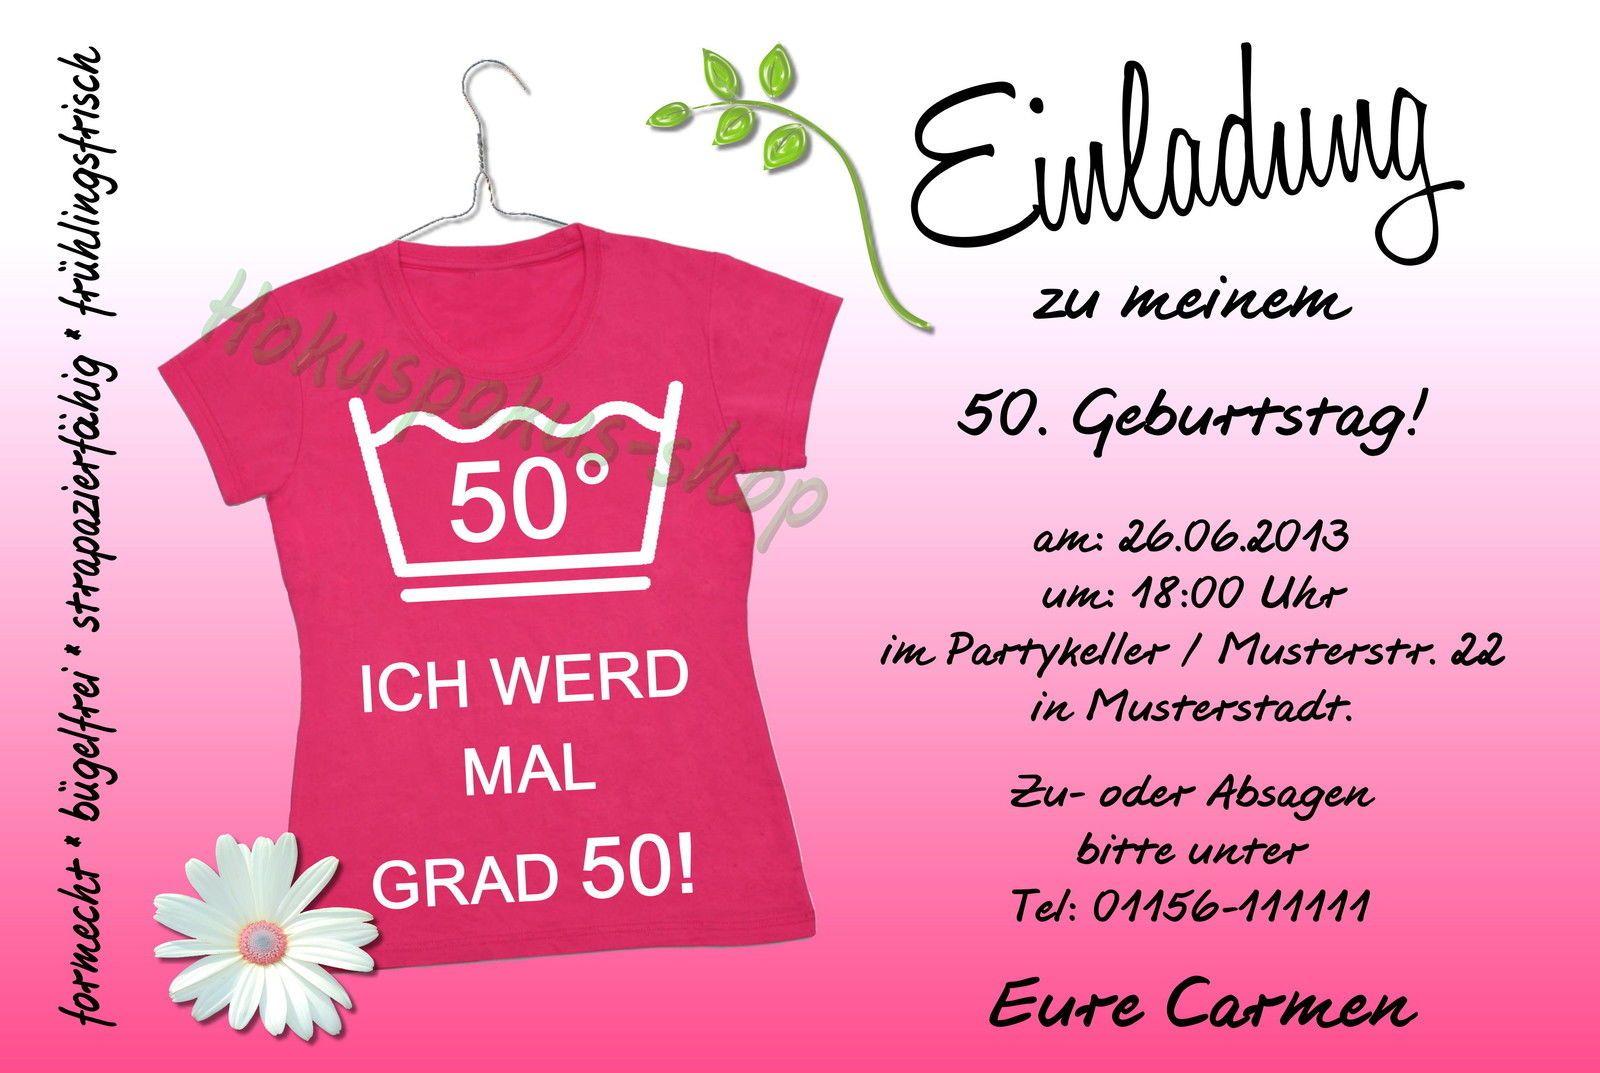 witzige einladungen zum 50 geburtstag kostenlos – needyounow, Einladung